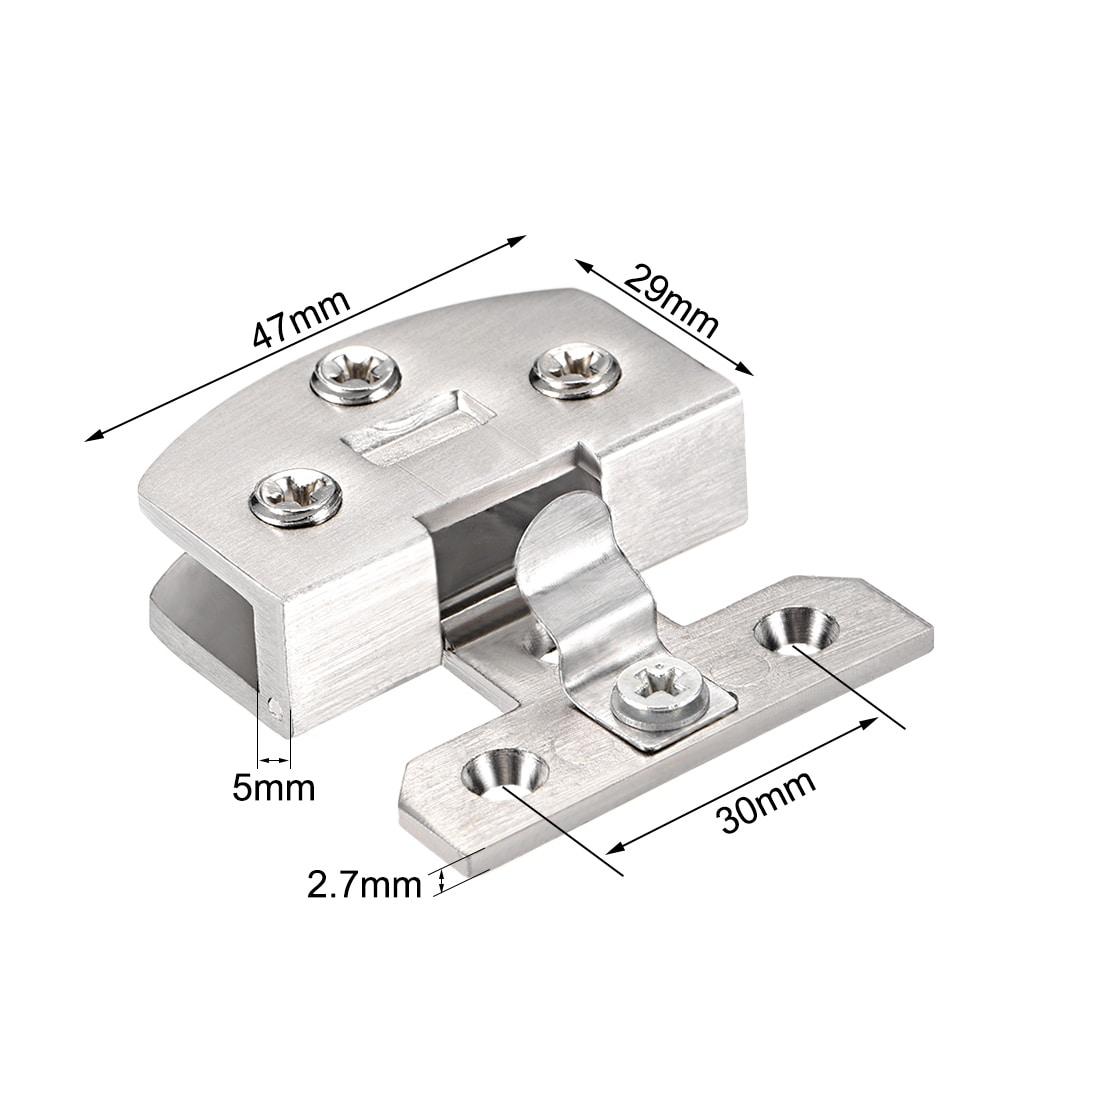 5mm-8mm Adjustable Rectangle Clamp Single Clip for Cabinet Cupboard Glass Door Hinges 90 Degree Glass Door to Glass Panel Set of 8 NUZAMAS Glass Door Hinges